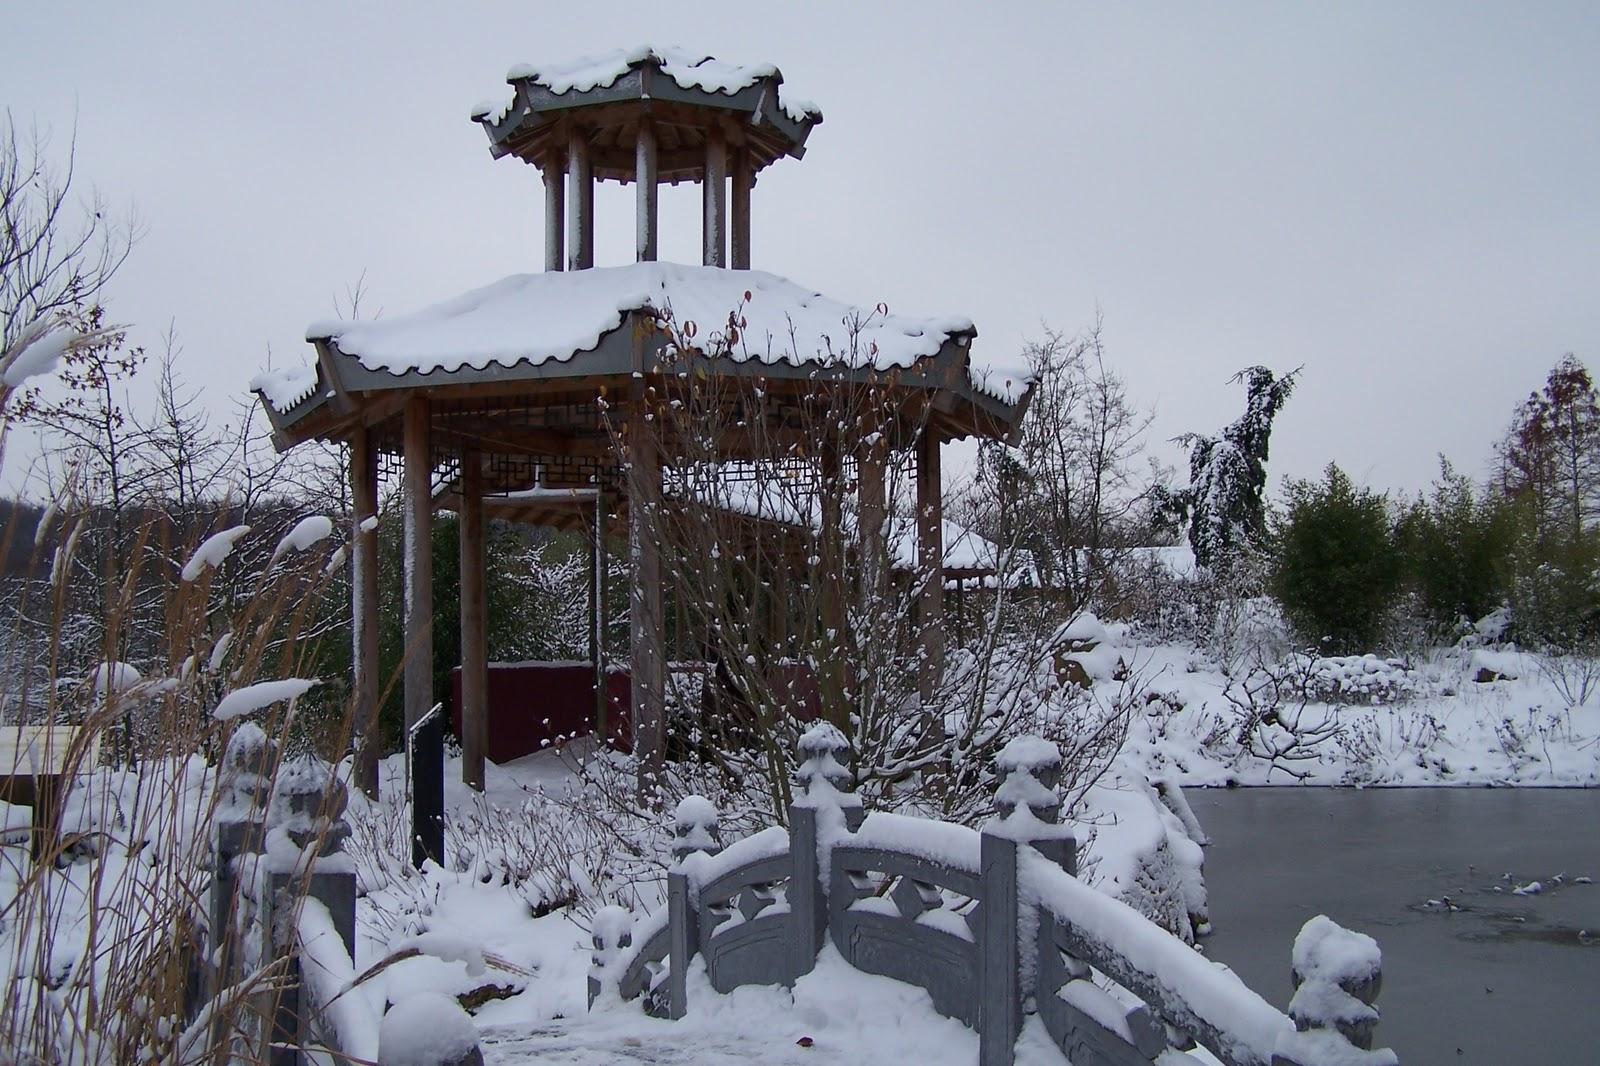 http://1.bp.blogspot.com/_XQ-efrqiuQ0/TP-6EK_zCrI/AAAAAAAAATE/4bujU_tu99Q/s1600/winter_japan.JPG